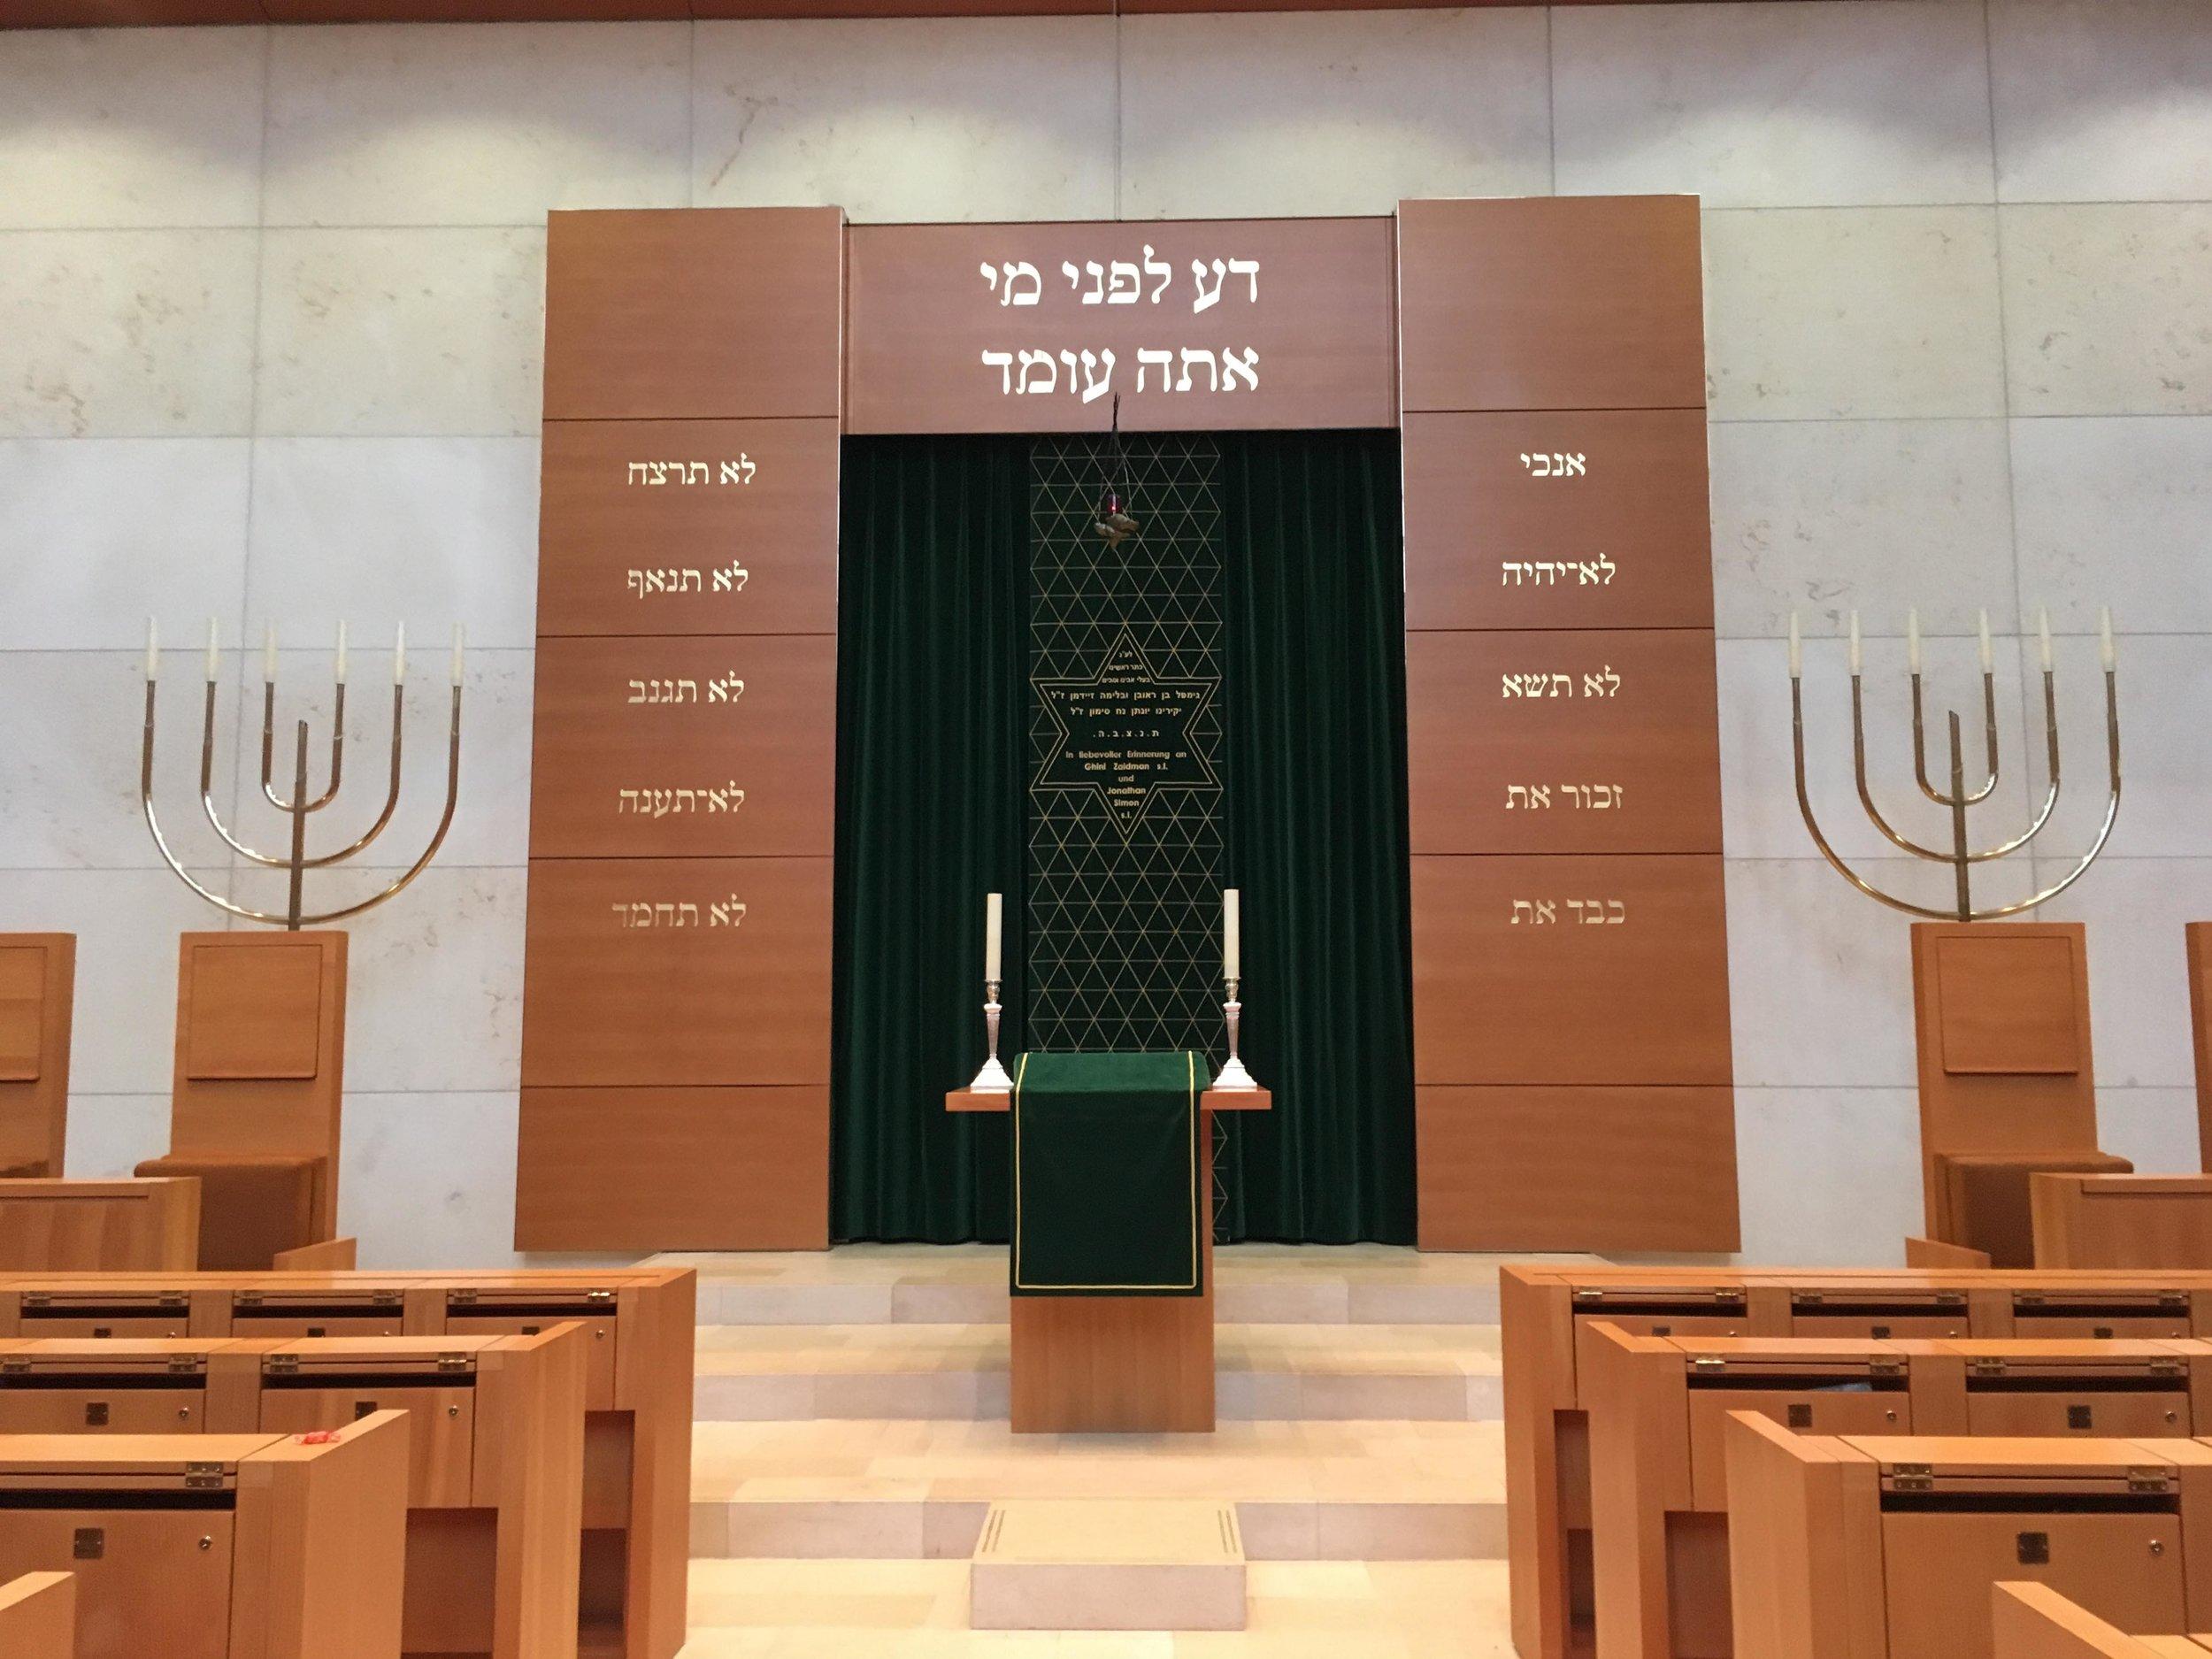 Innenraum der Synagoge